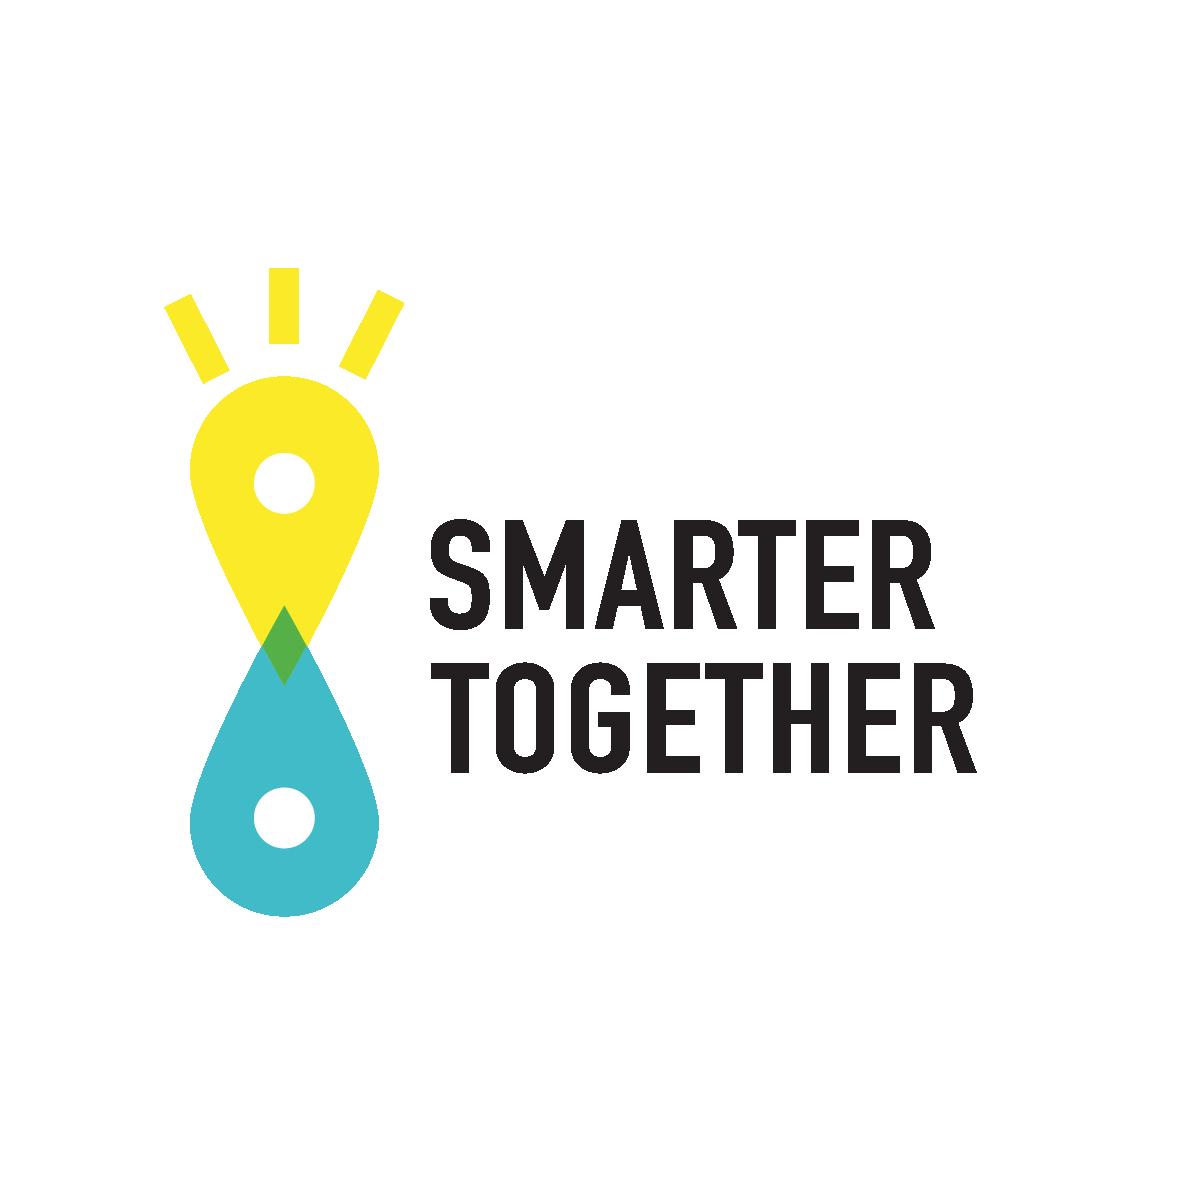 Smarter Together logo